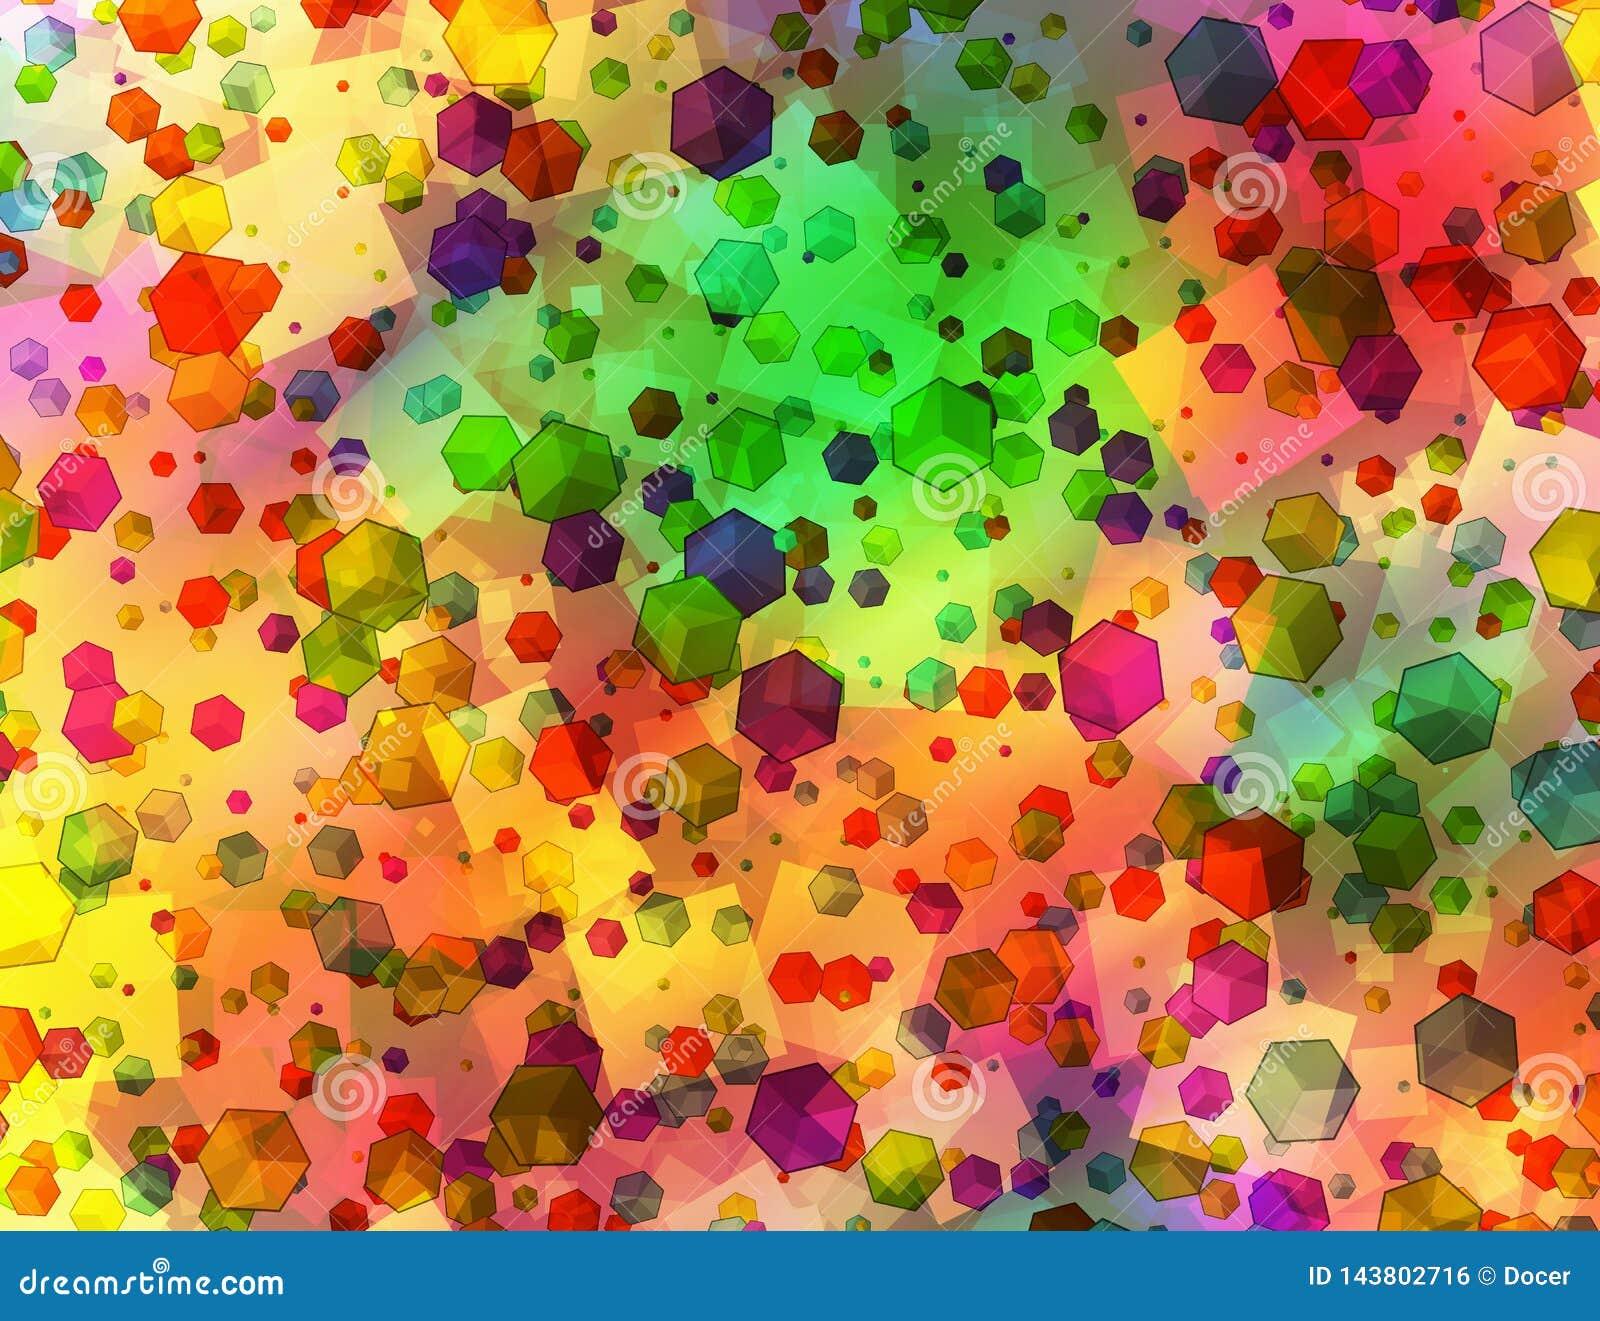 Muchas figuras geom?tricas abstractas multicoloras fondo